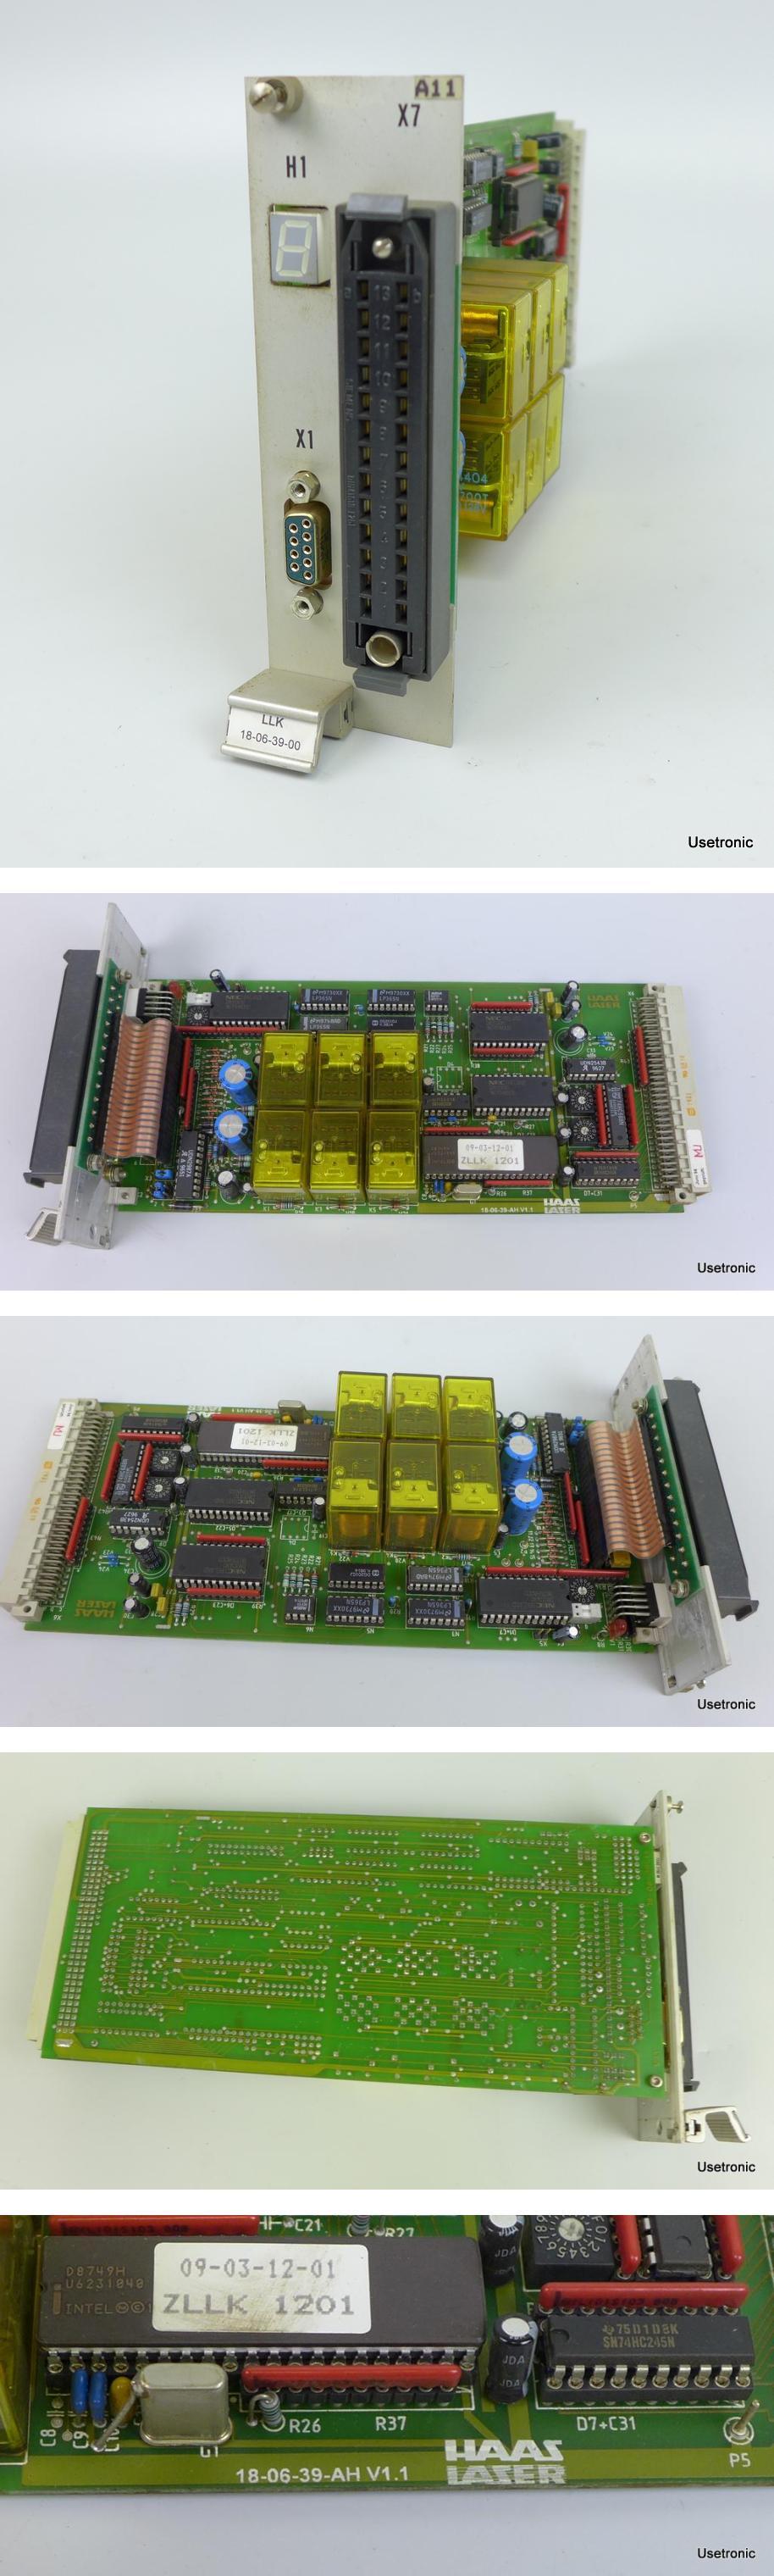 Haas Laser LLK 18-06-39-AH